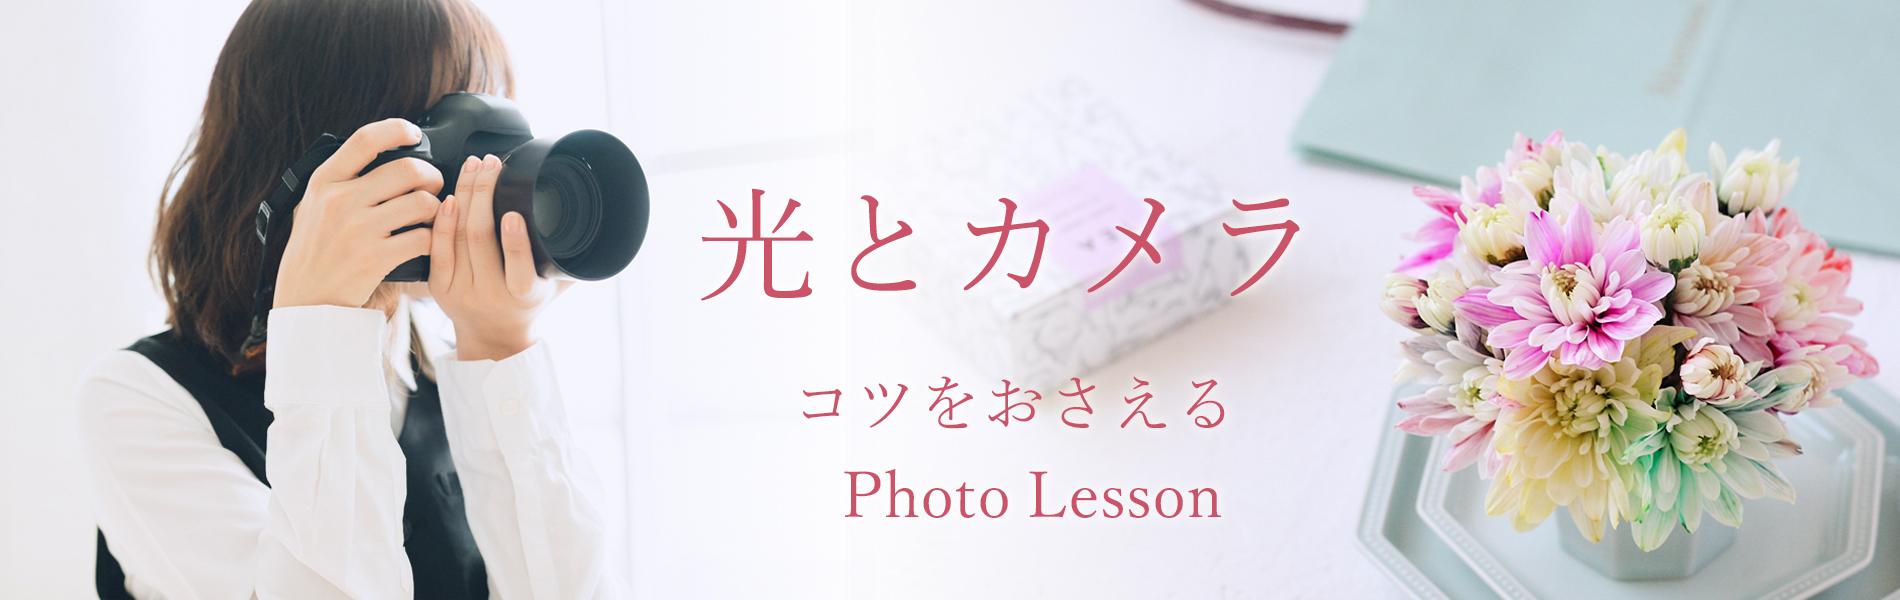 単発1day デジカメ講座(デジタル一眼レフ/ミラーレス)